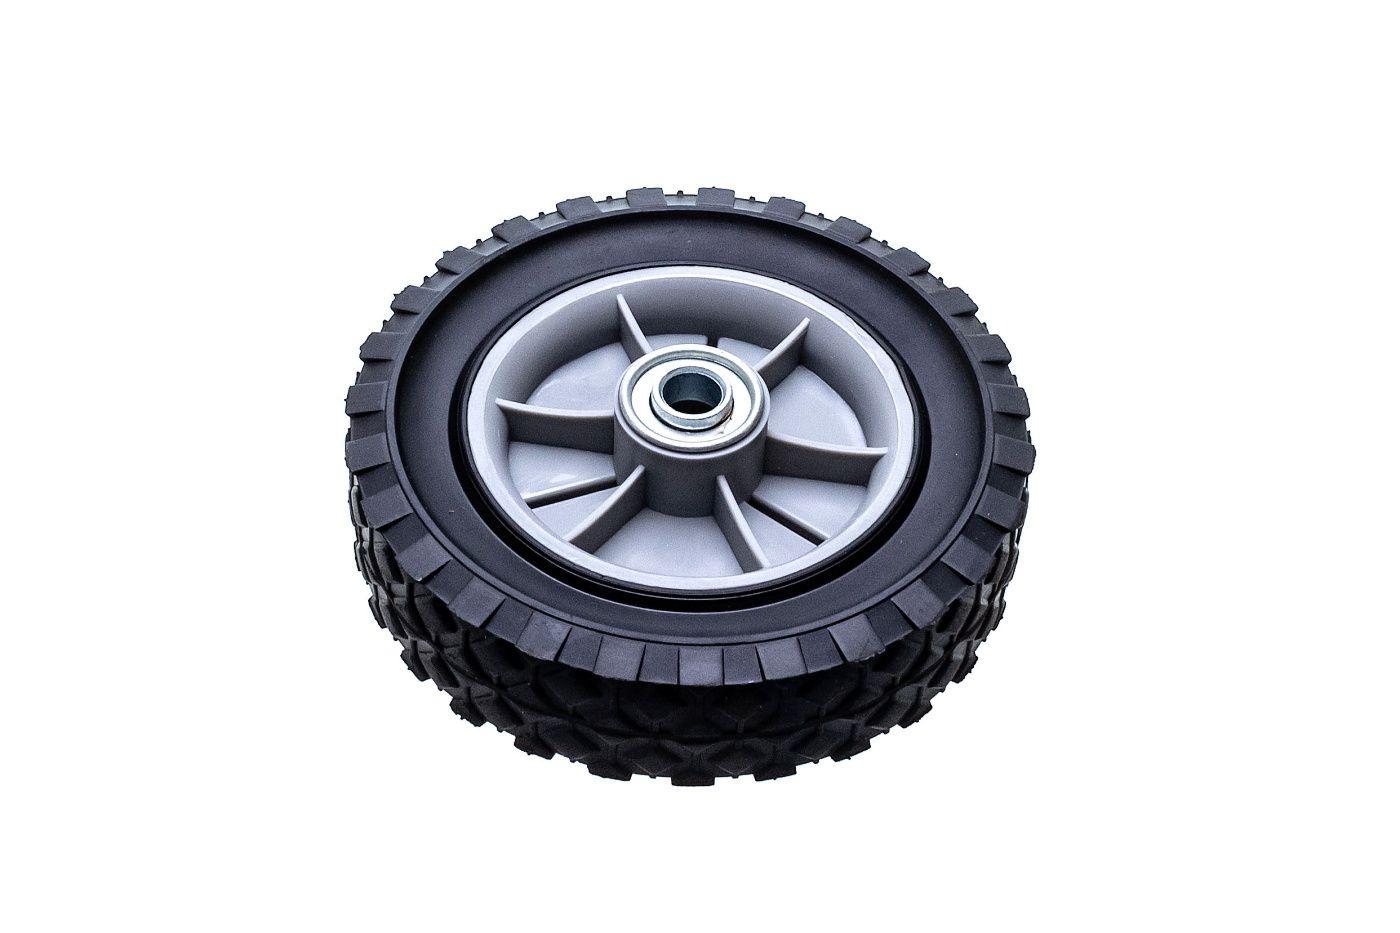 Univerzálne koleso 150mm - plastové + ložisko, gumená pneumatika